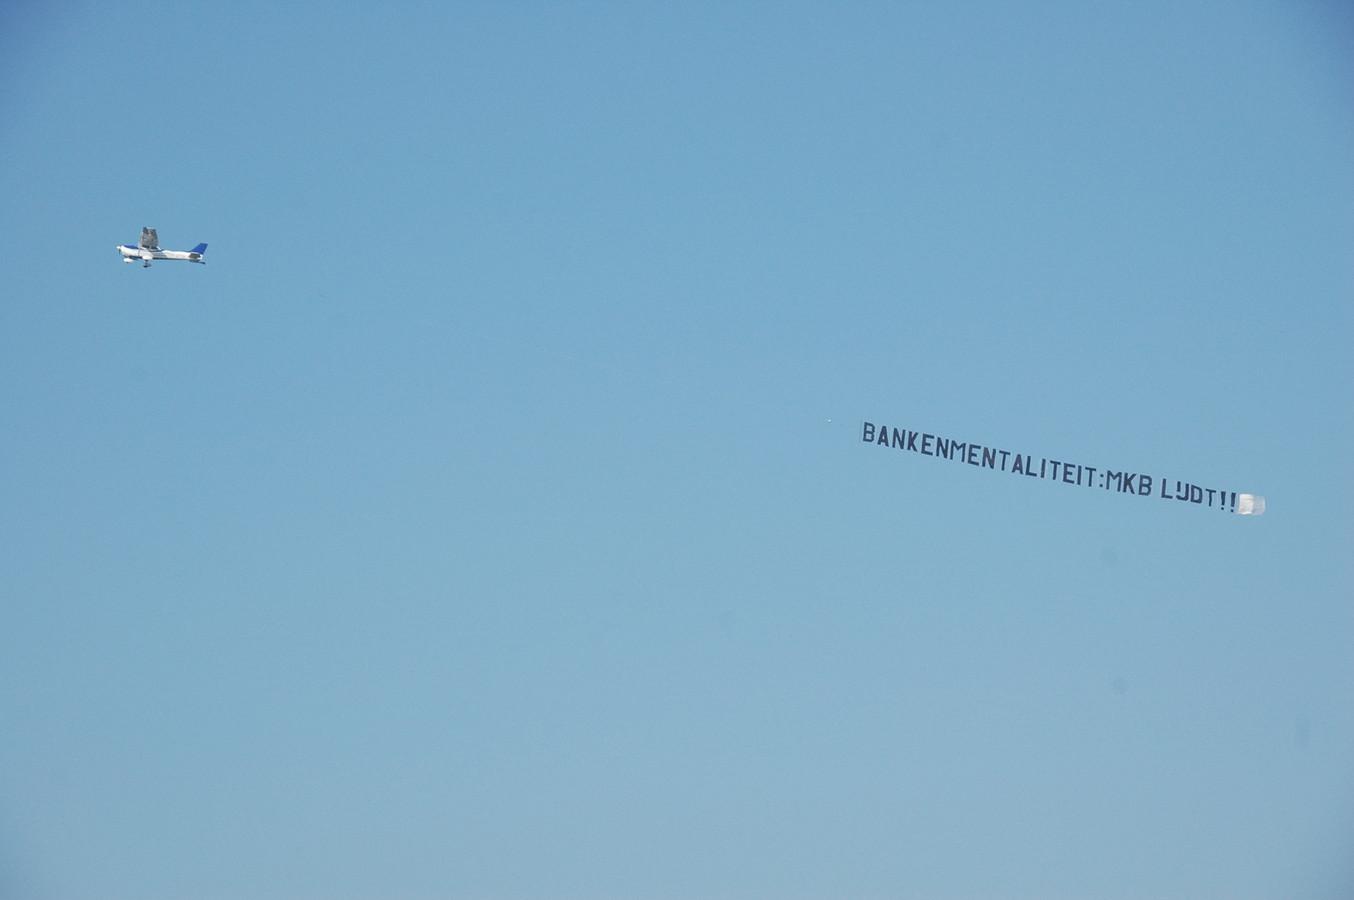 Rote >> Ondernemer protesteert met reclamevliegtuig tegen bank | Foto | AD.nl